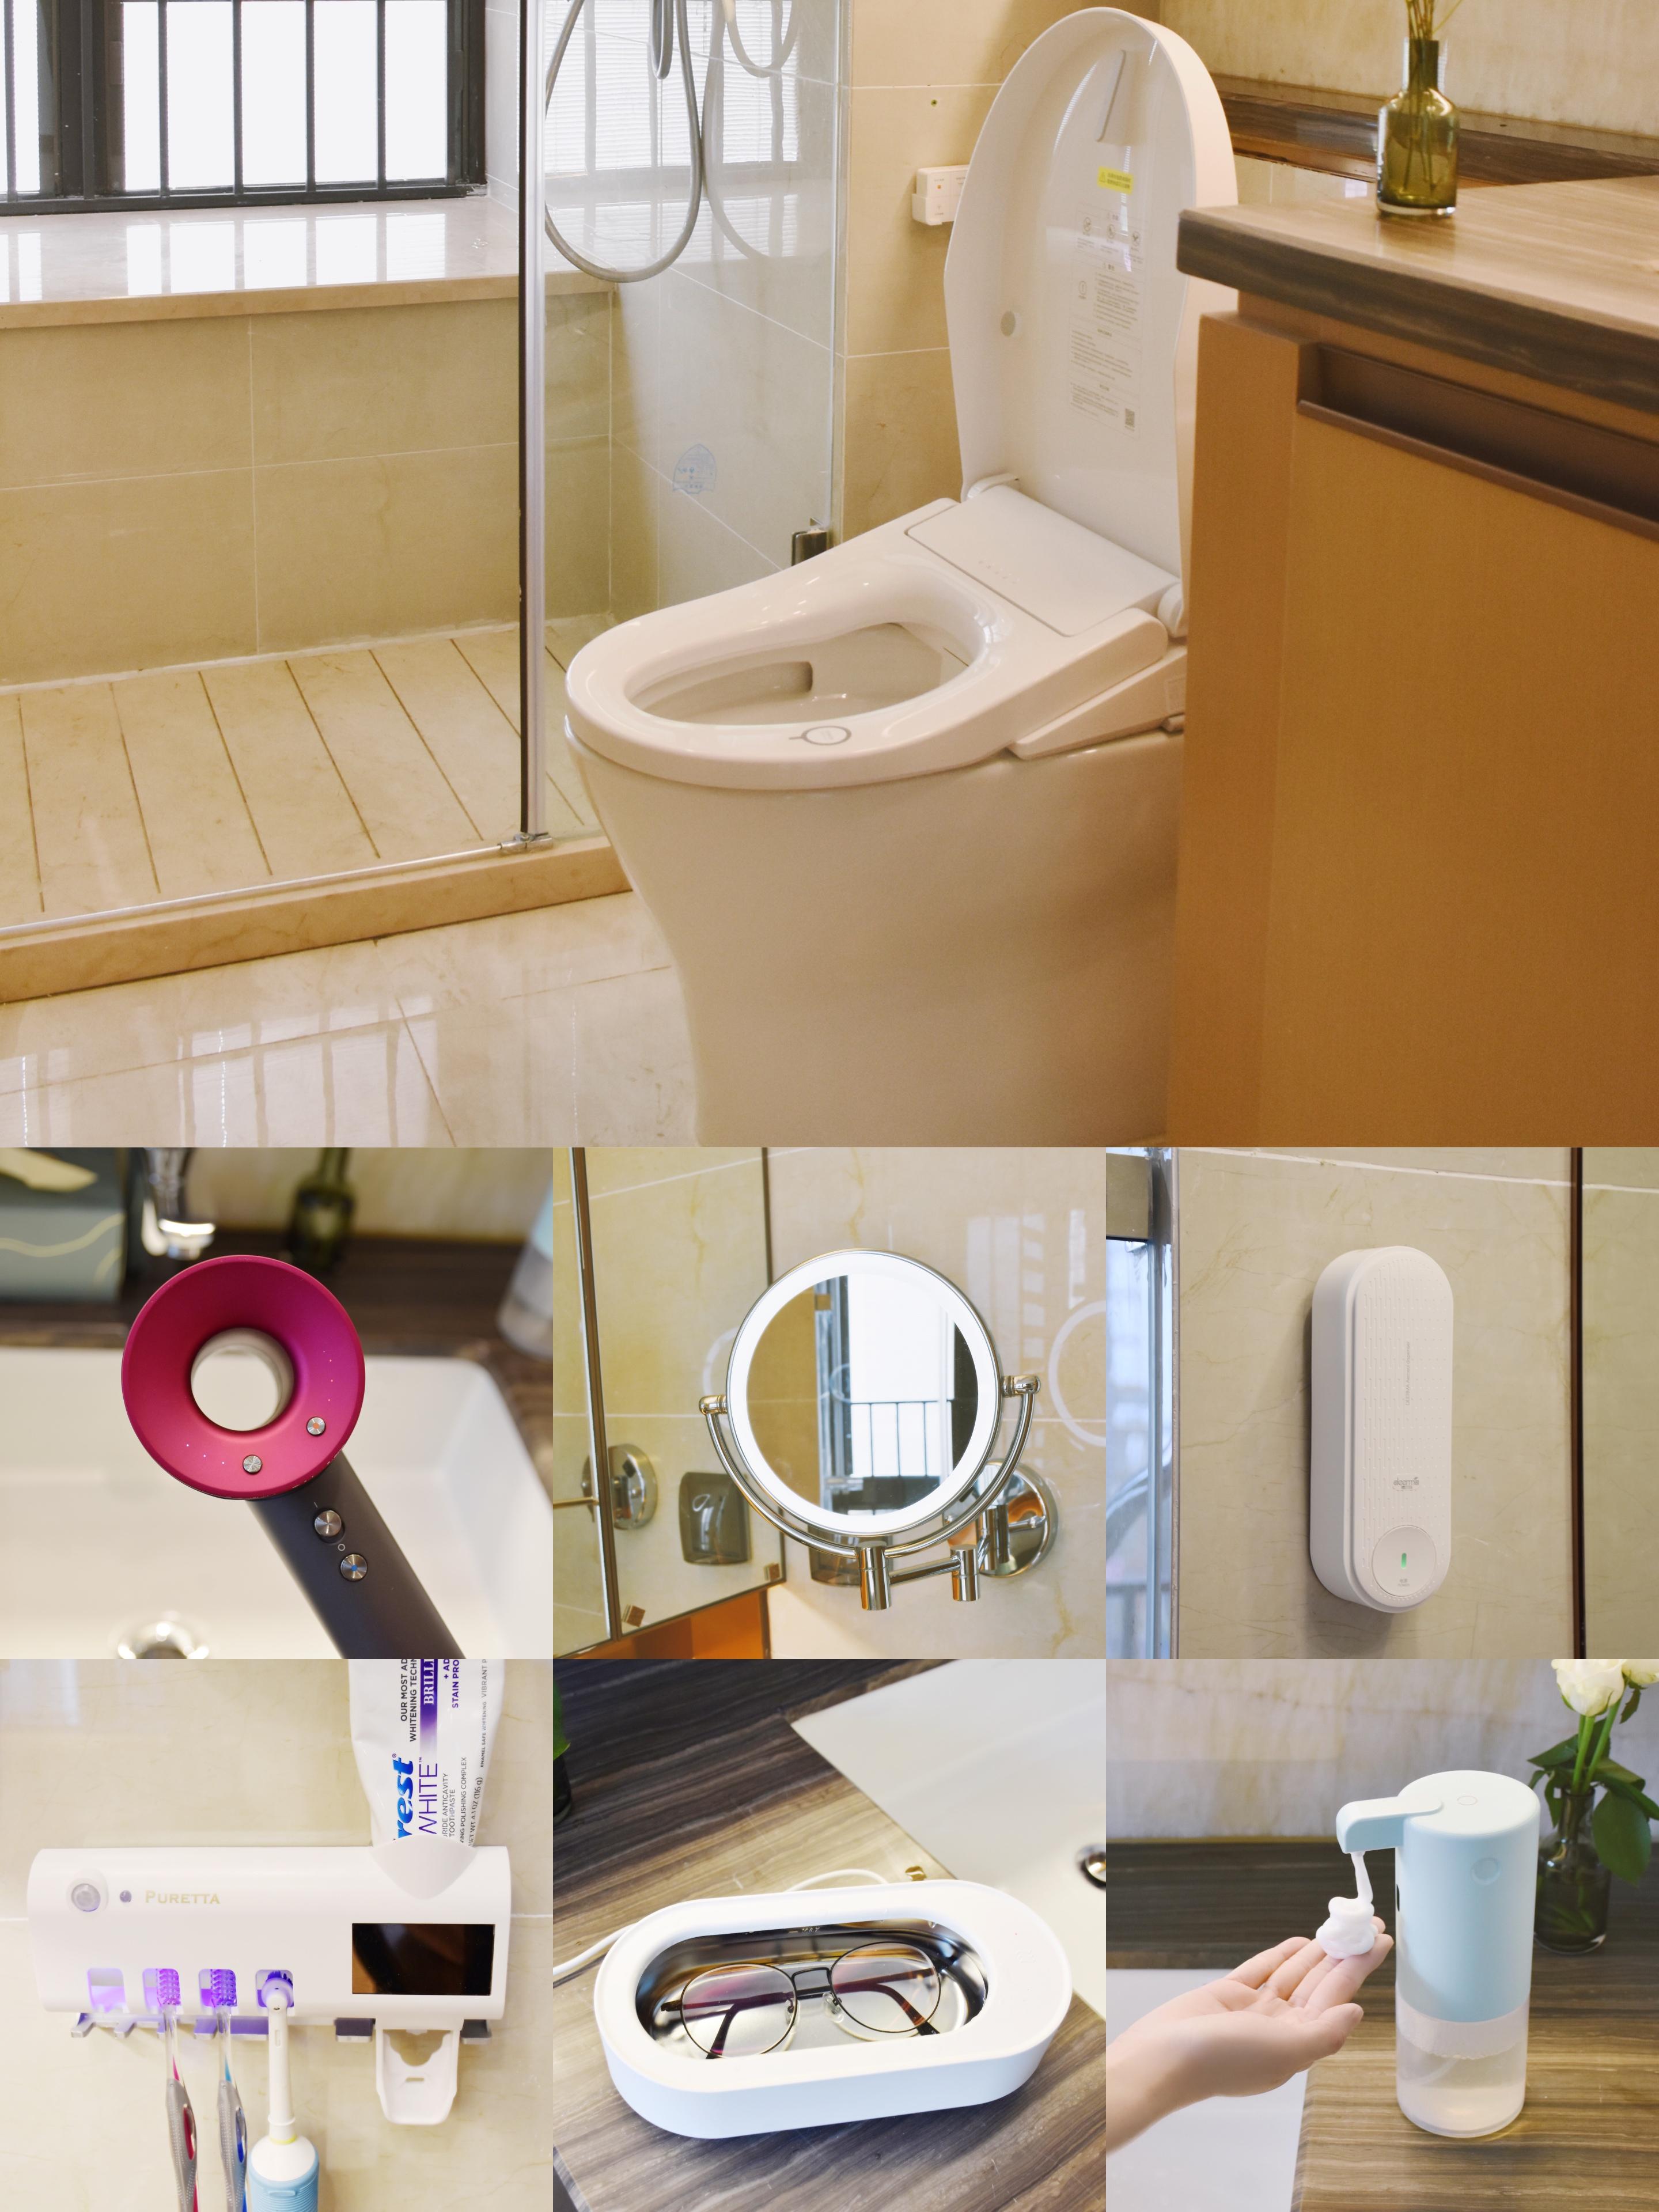 房子装修,7件实用的卫生间好物,提升生活幸福感